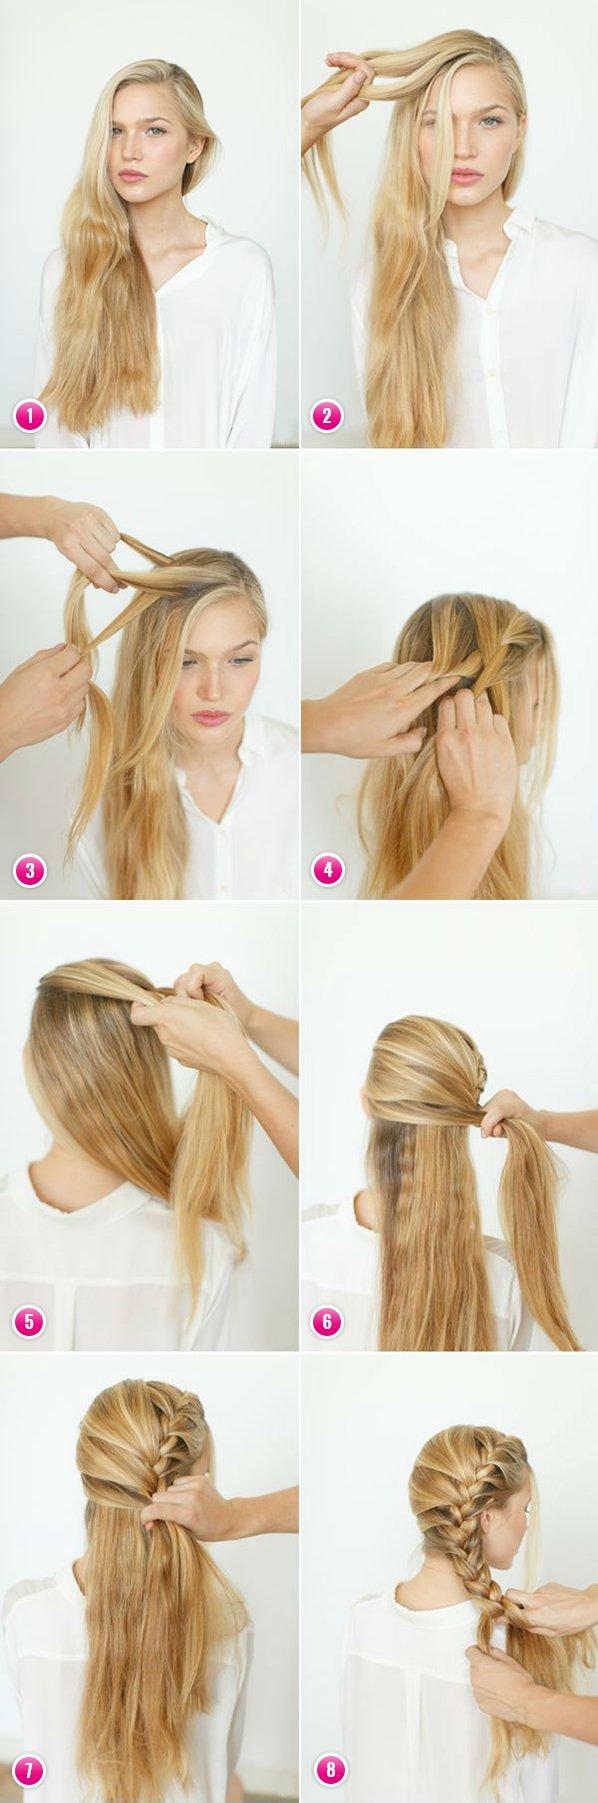 Как можно заплести волосы в школу - 275